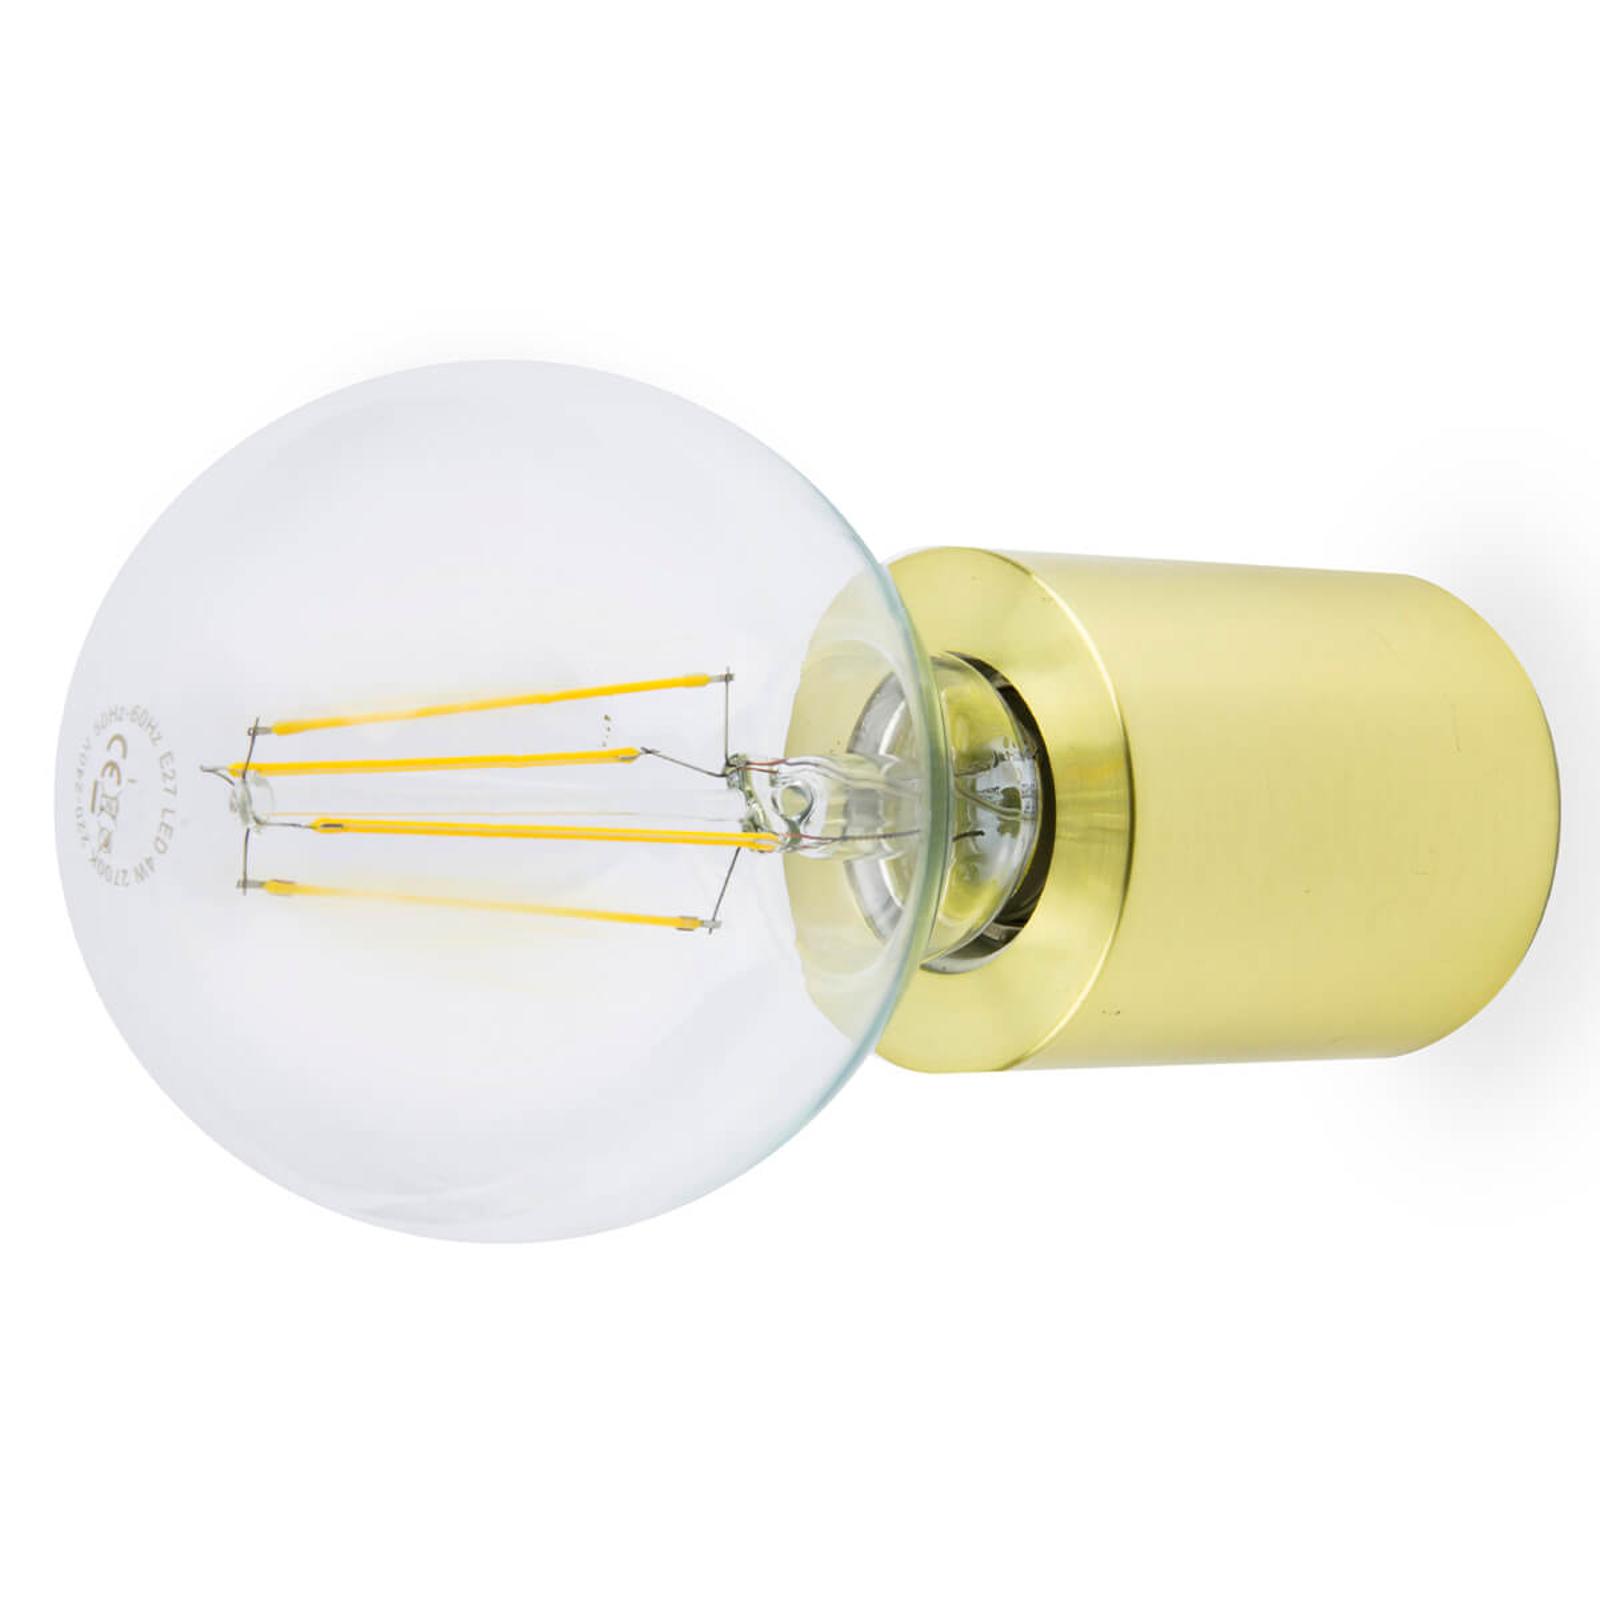 Ten - minimalistische wandlamp, verzadigend goud